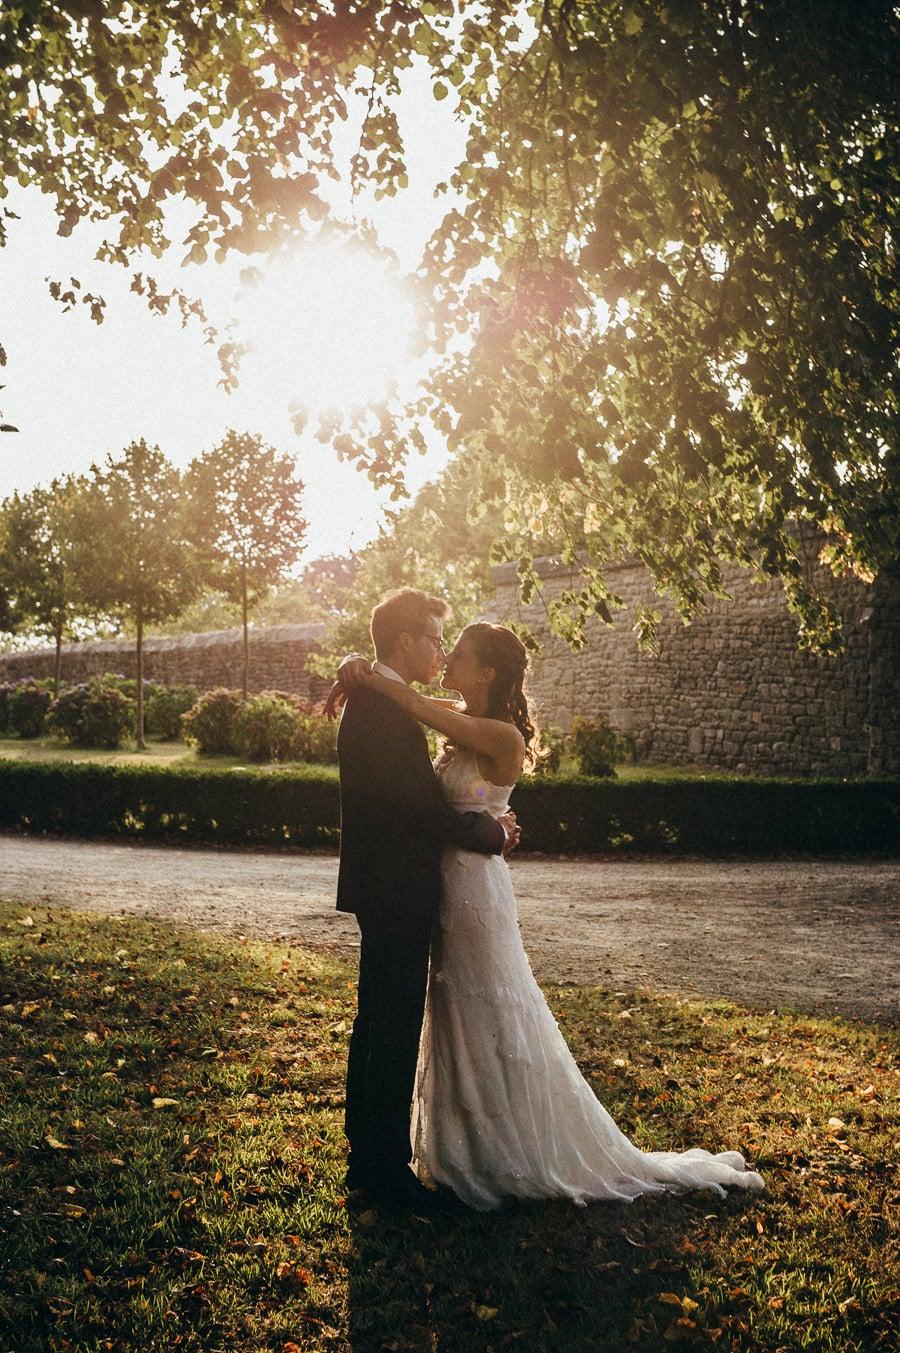 Mariage au manoir de Kerazan mariage_manoir_de_Kerazan-photographe_mariage_bretagne-53